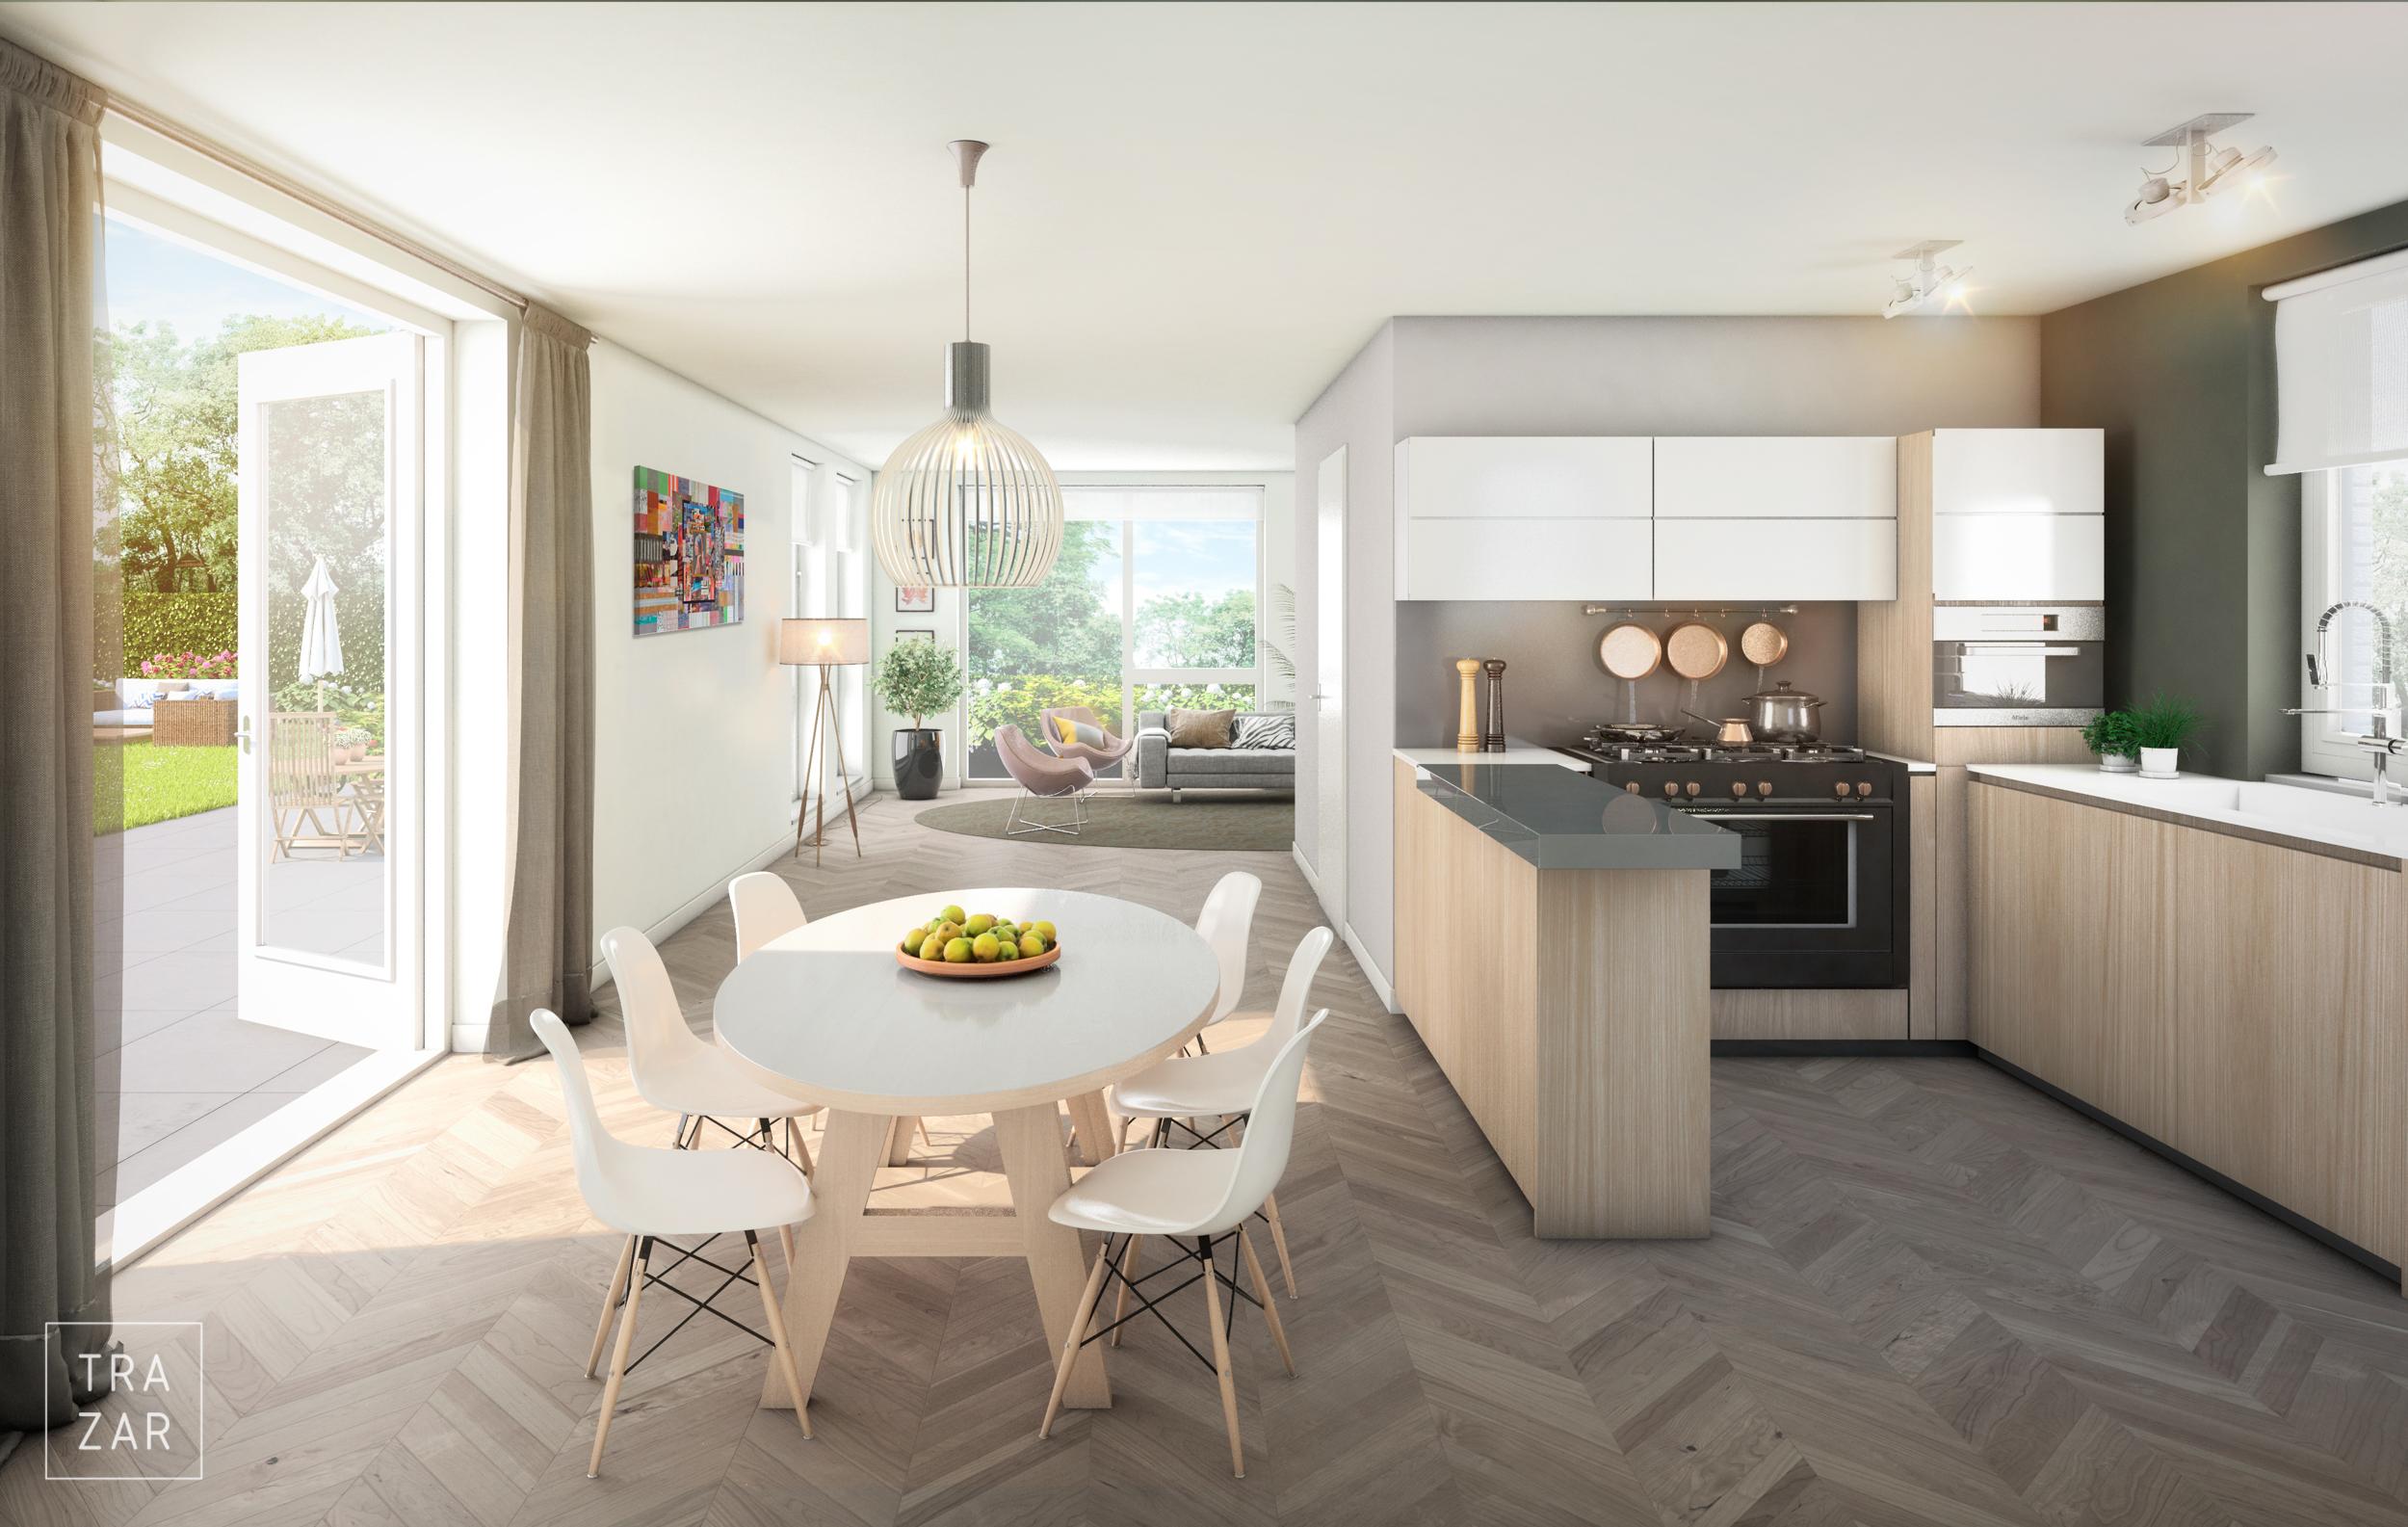 Artist impression interieur nieuwbouw met eetkamer, , zitkamer, keuken en tuin (5).jpg